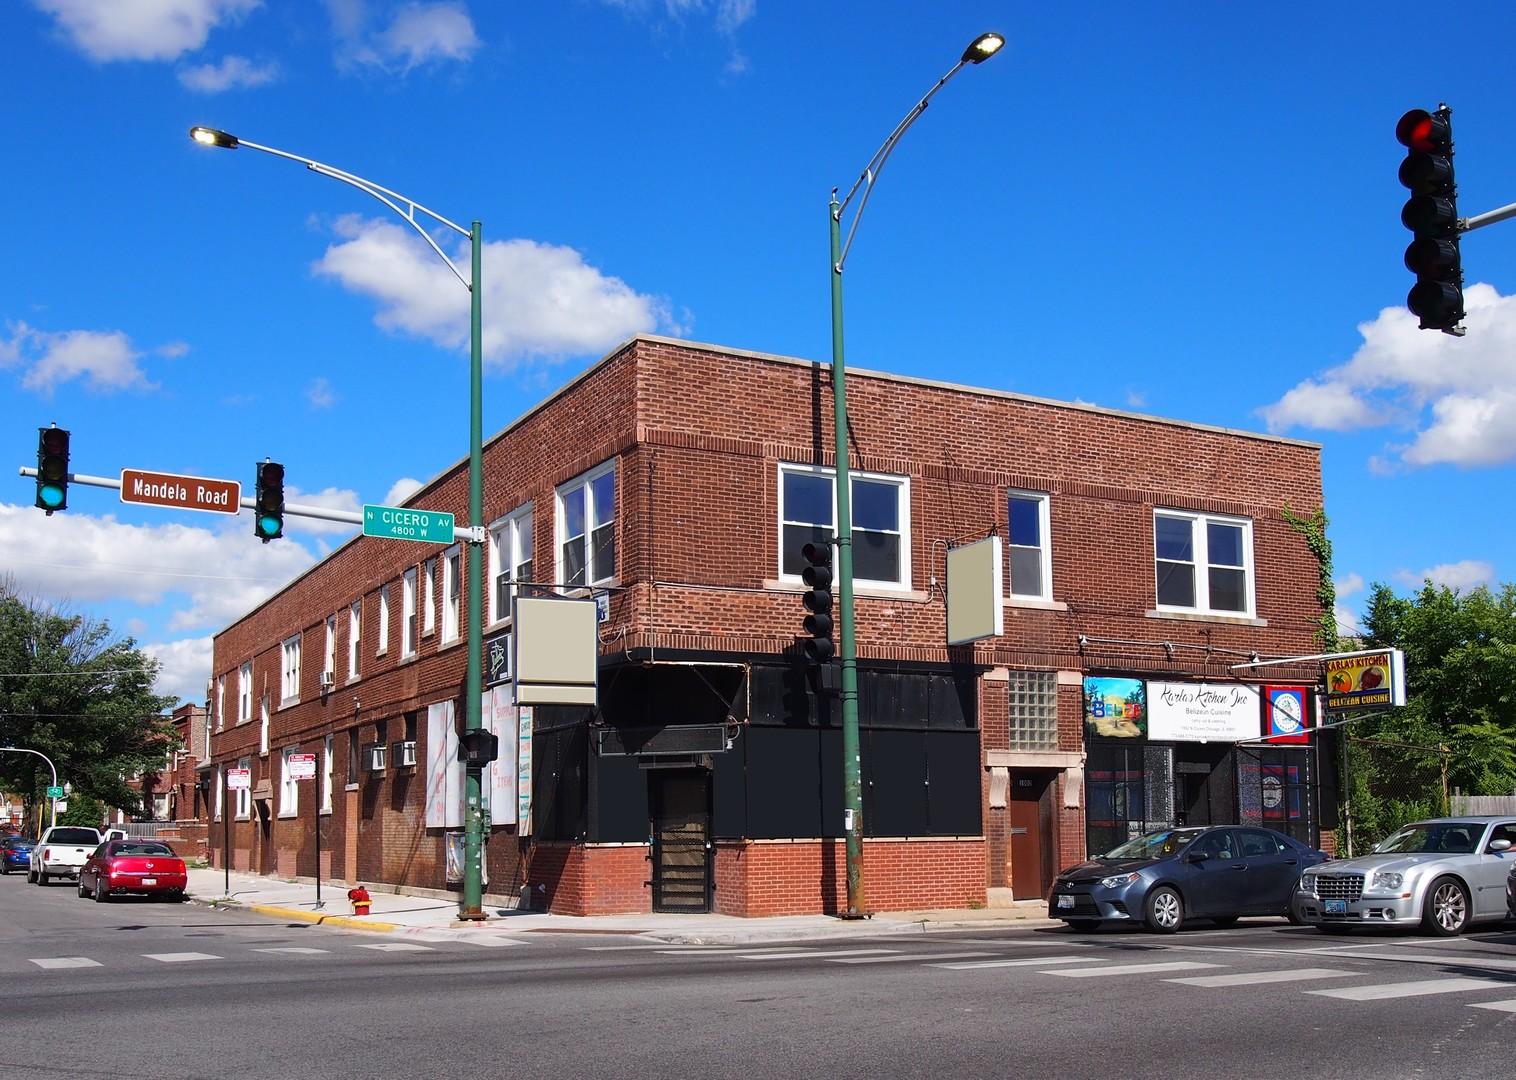 1000 Cicero Unit Unit 1000 ,Chicago, Illinois 60651